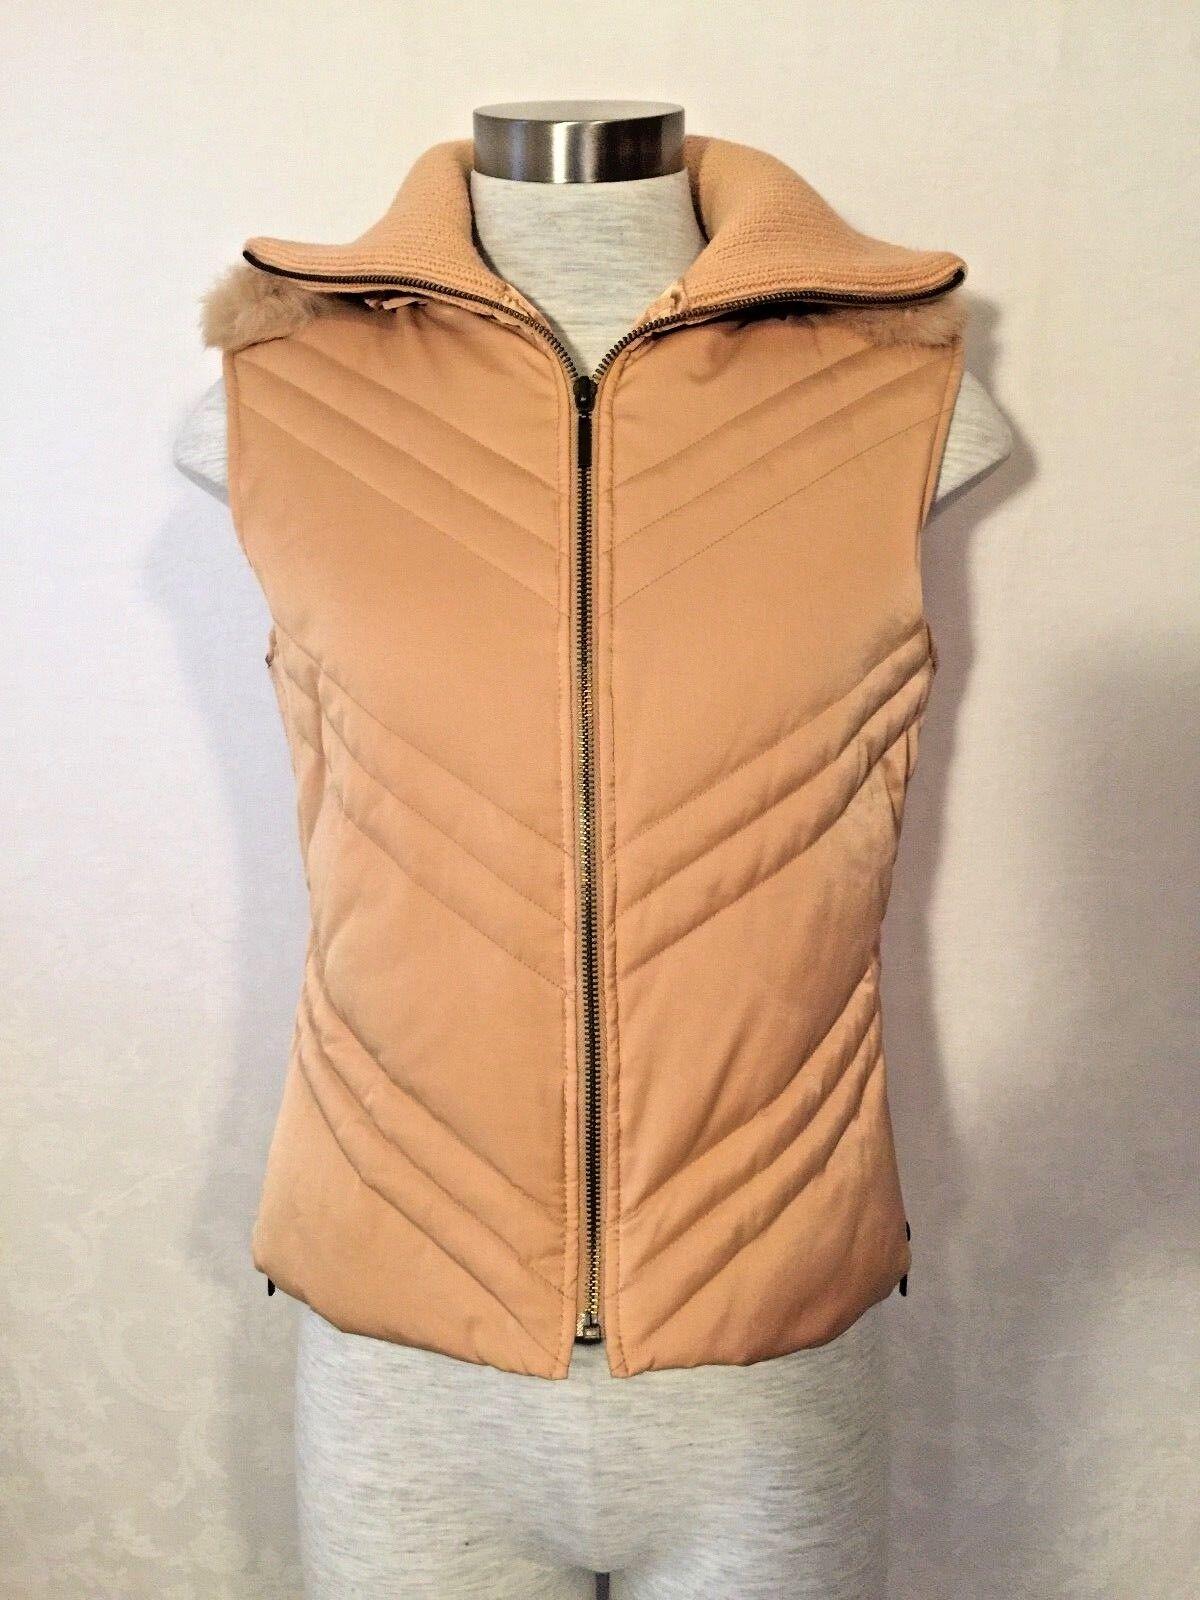 NWOT Bebe Vest 100% Rabbit Fur Down Feather Soft Pale Peach Zipper Size LARGE